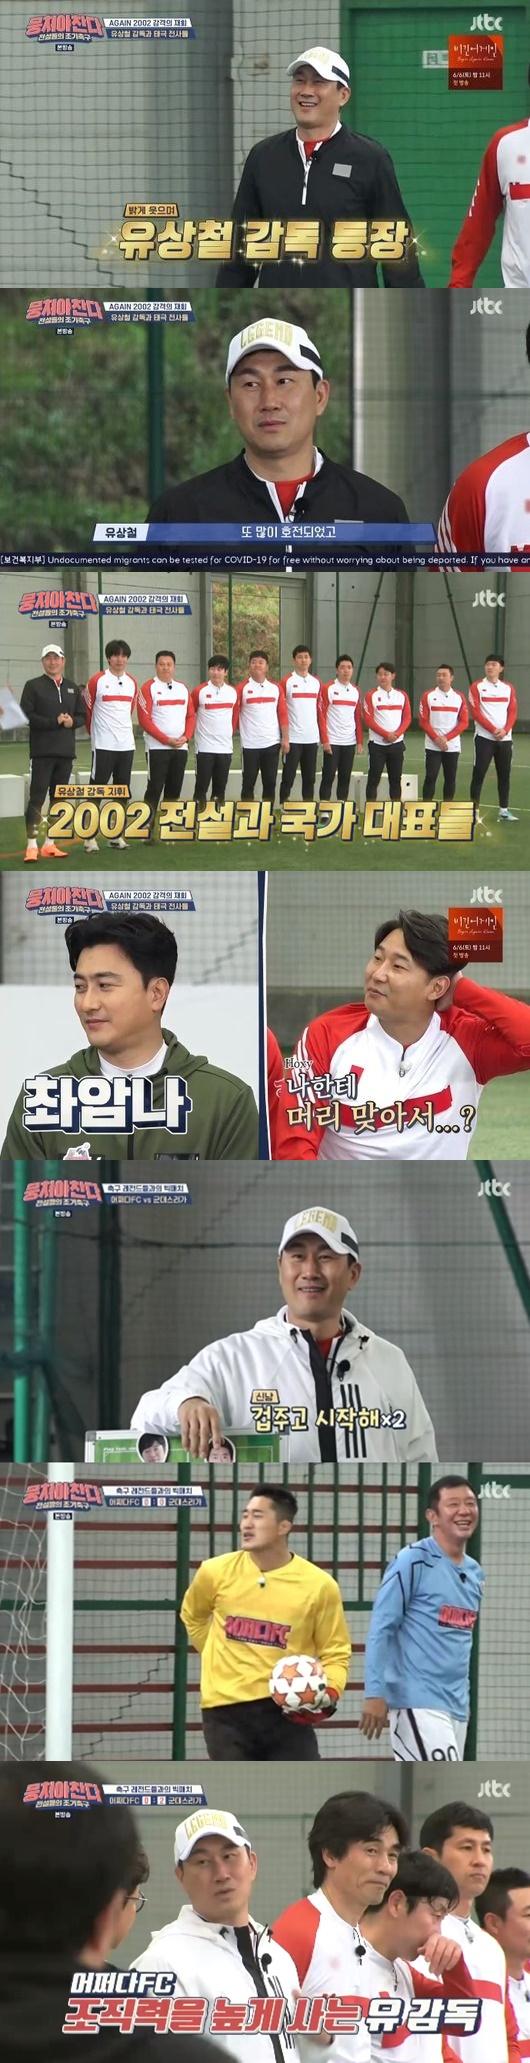 '뭉쳐야 찬다' 유상철 감독과 2002 국가대표들